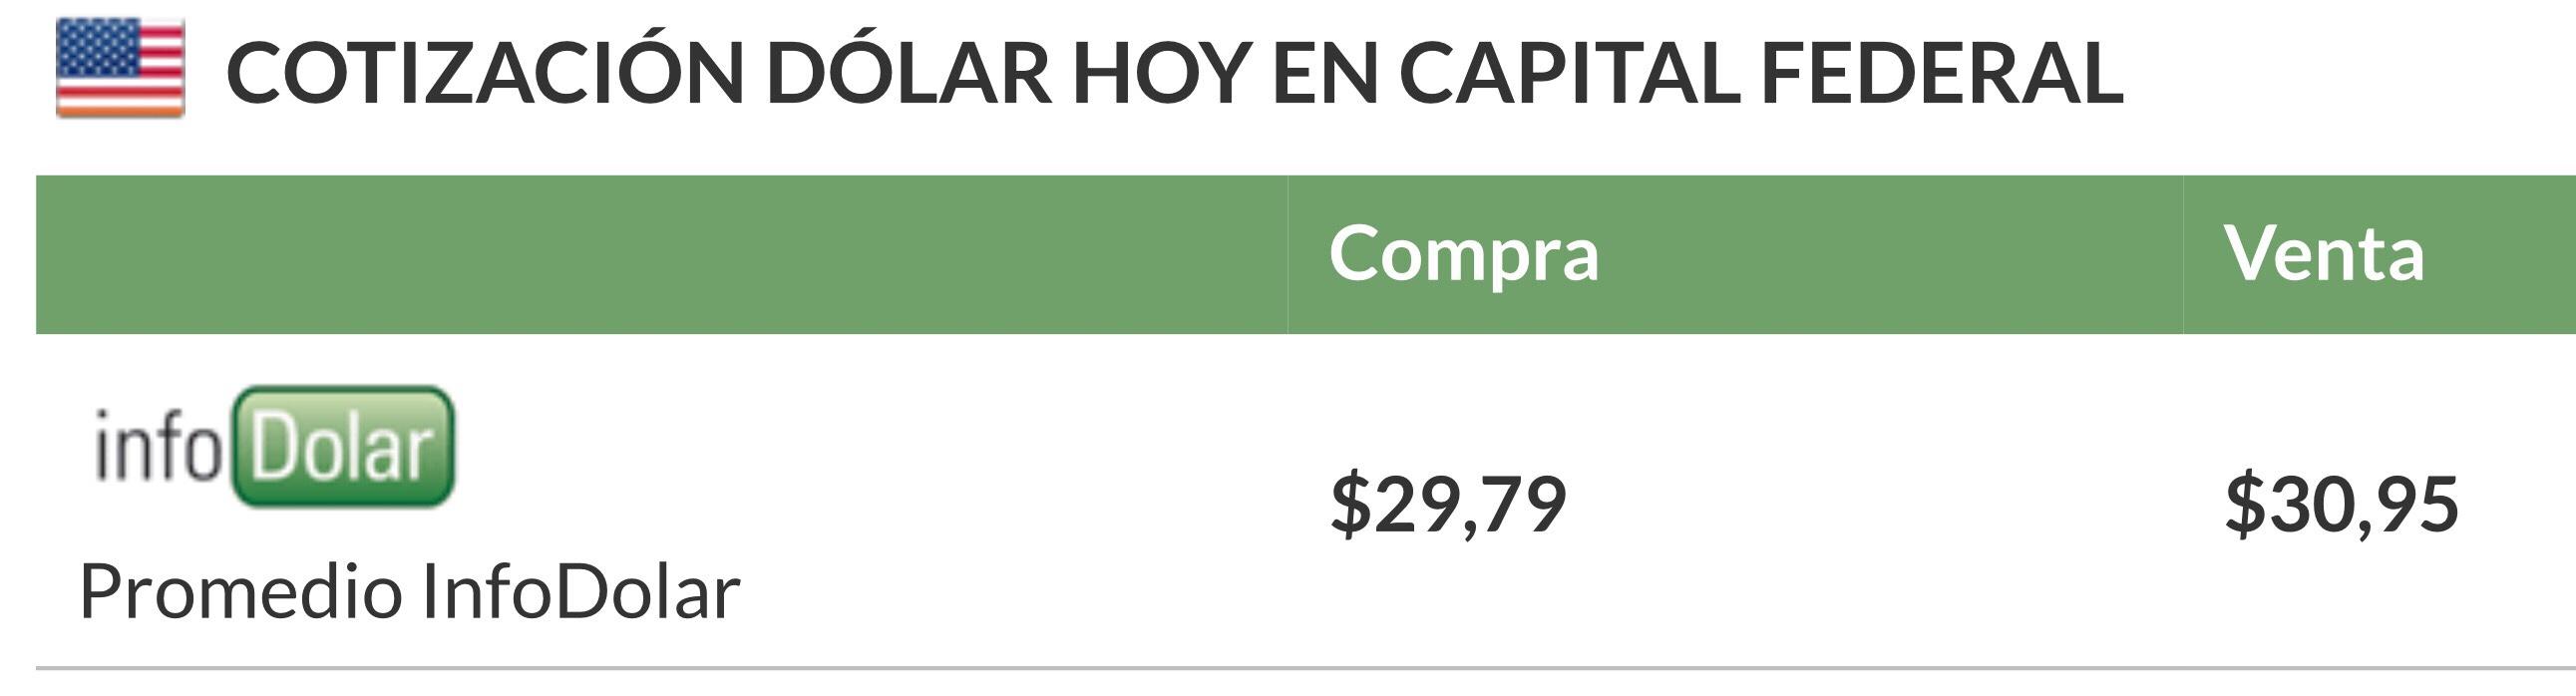 Cotización promedio dólar Argentina 23/08/18